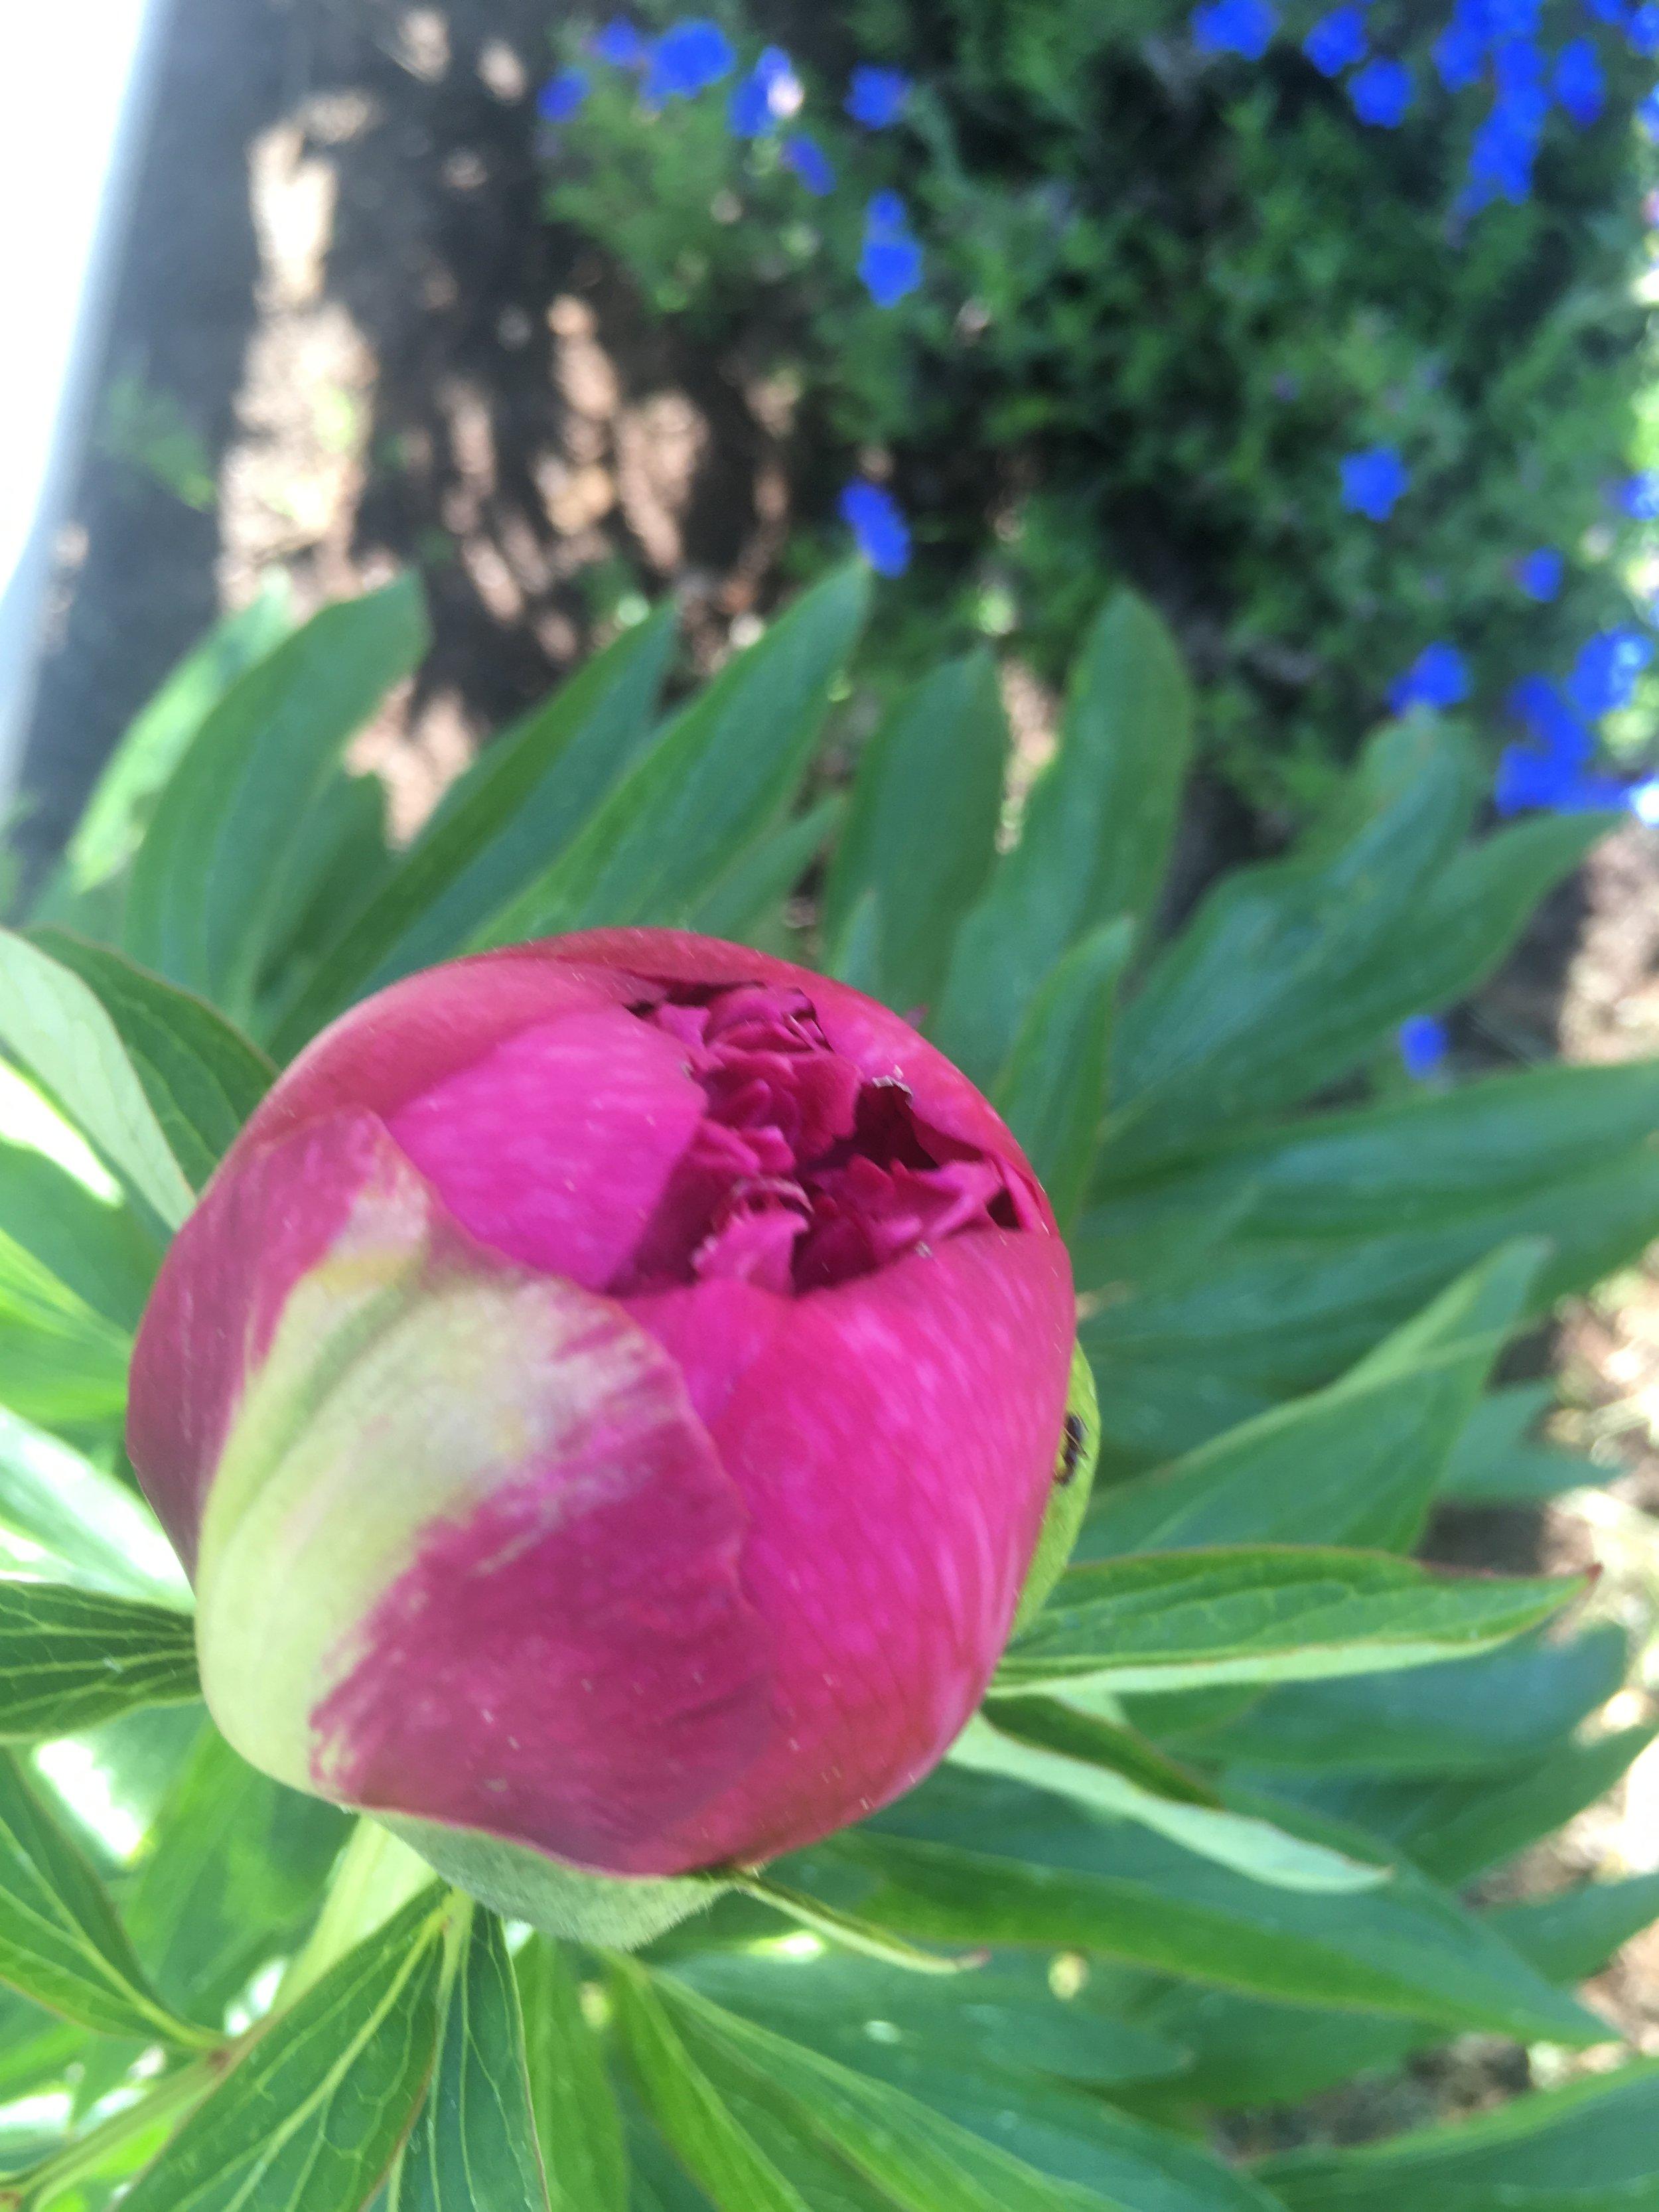 Apropå att spira. Här är en doftpion i min trädgård. I måndags